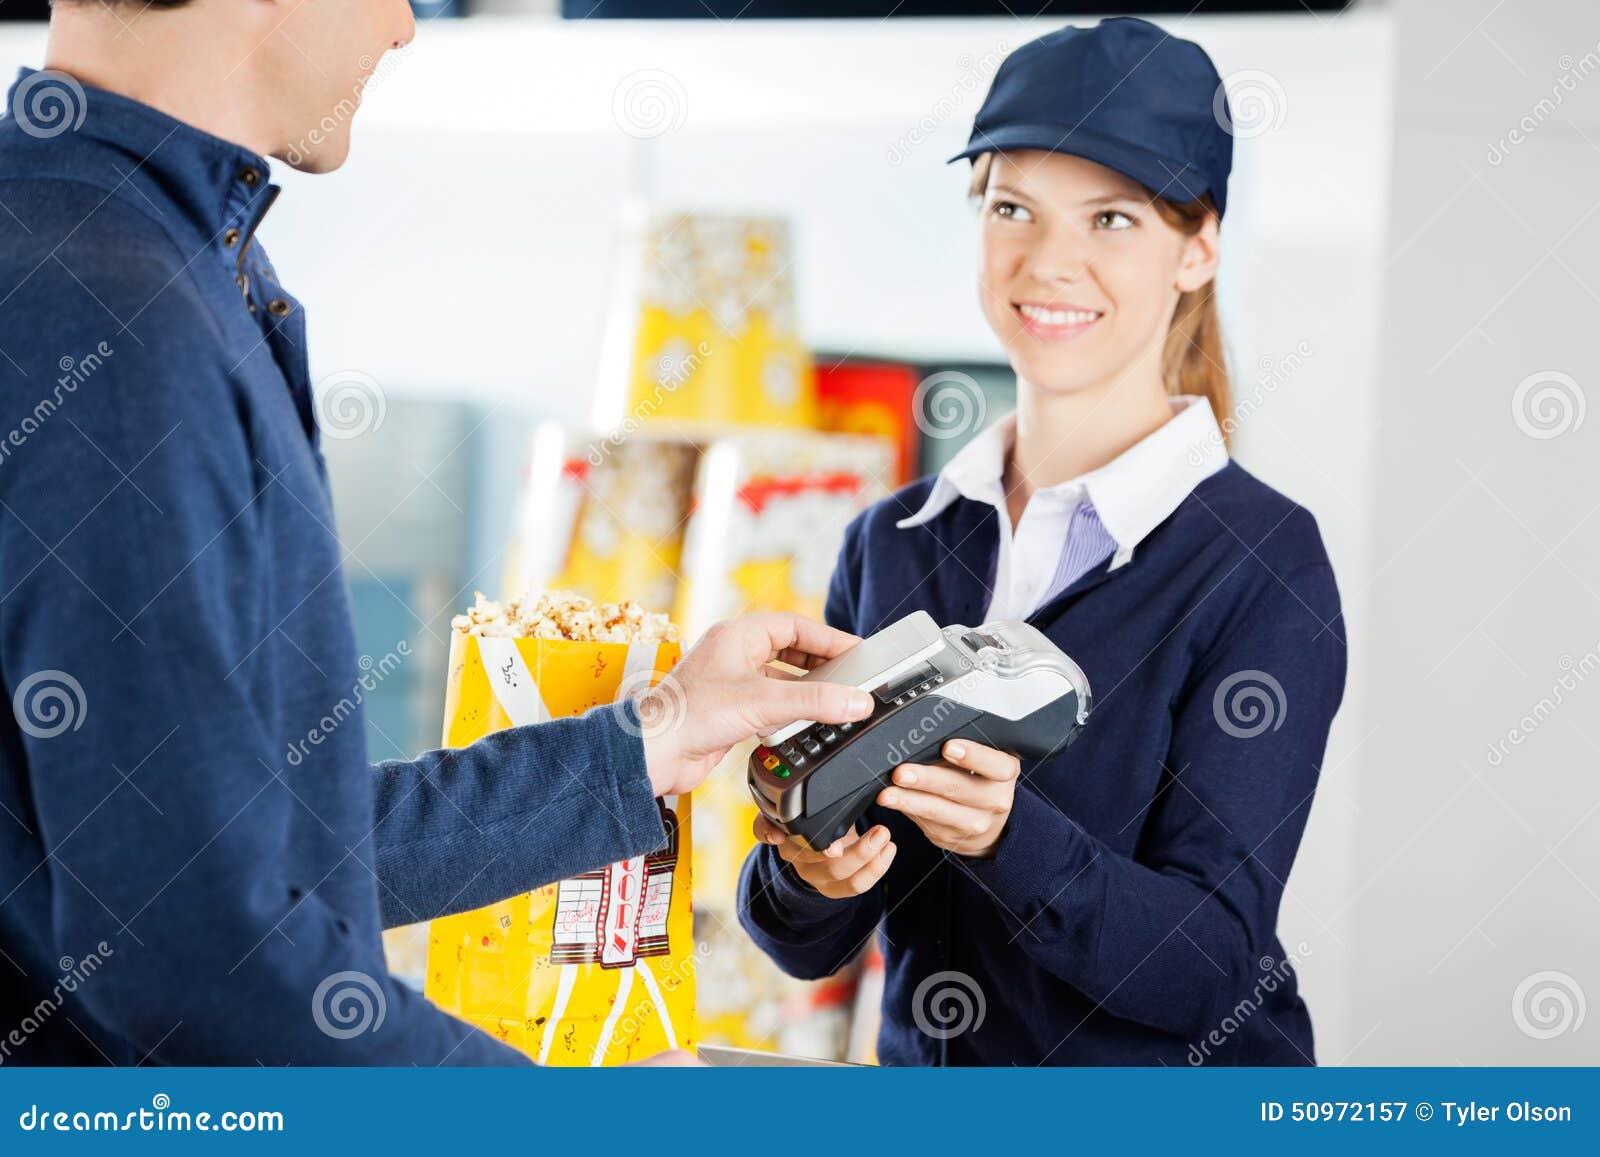 Lavoratore che accetta pagamento con la tecnologia di NFC